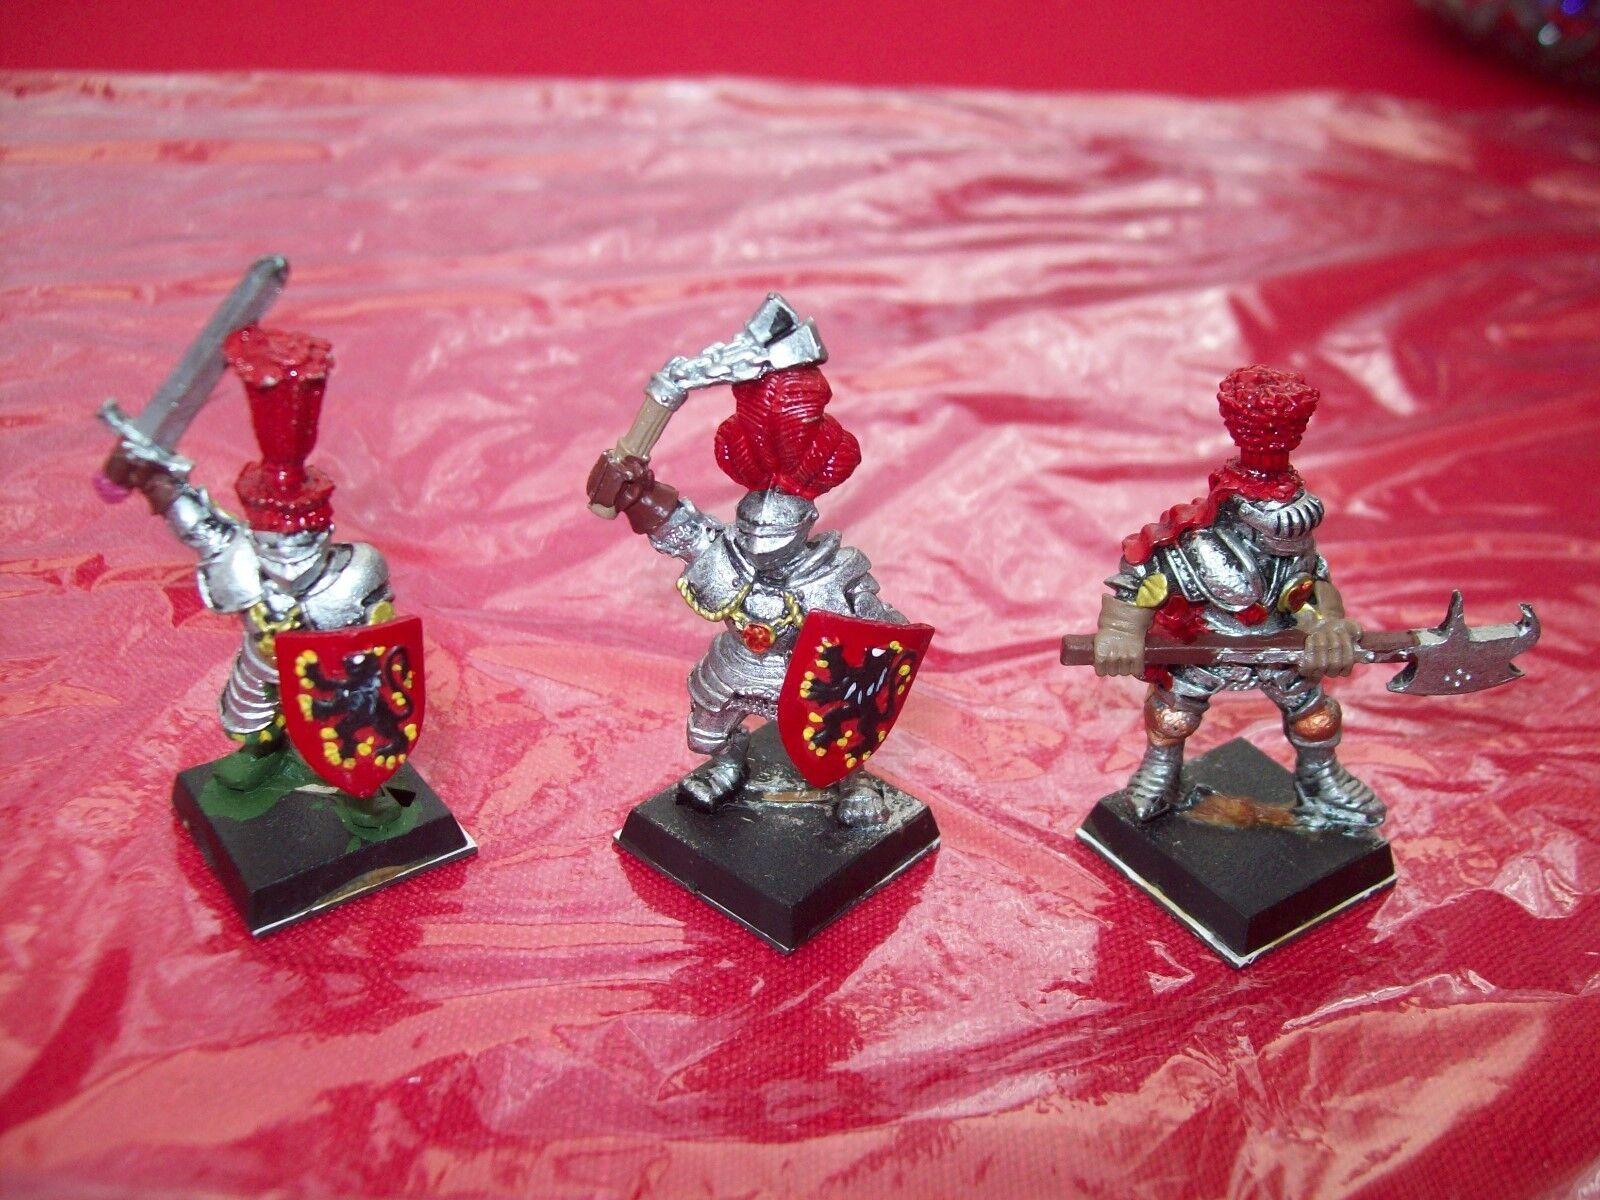 Warhammer Empire Reiksguard Foot Knights